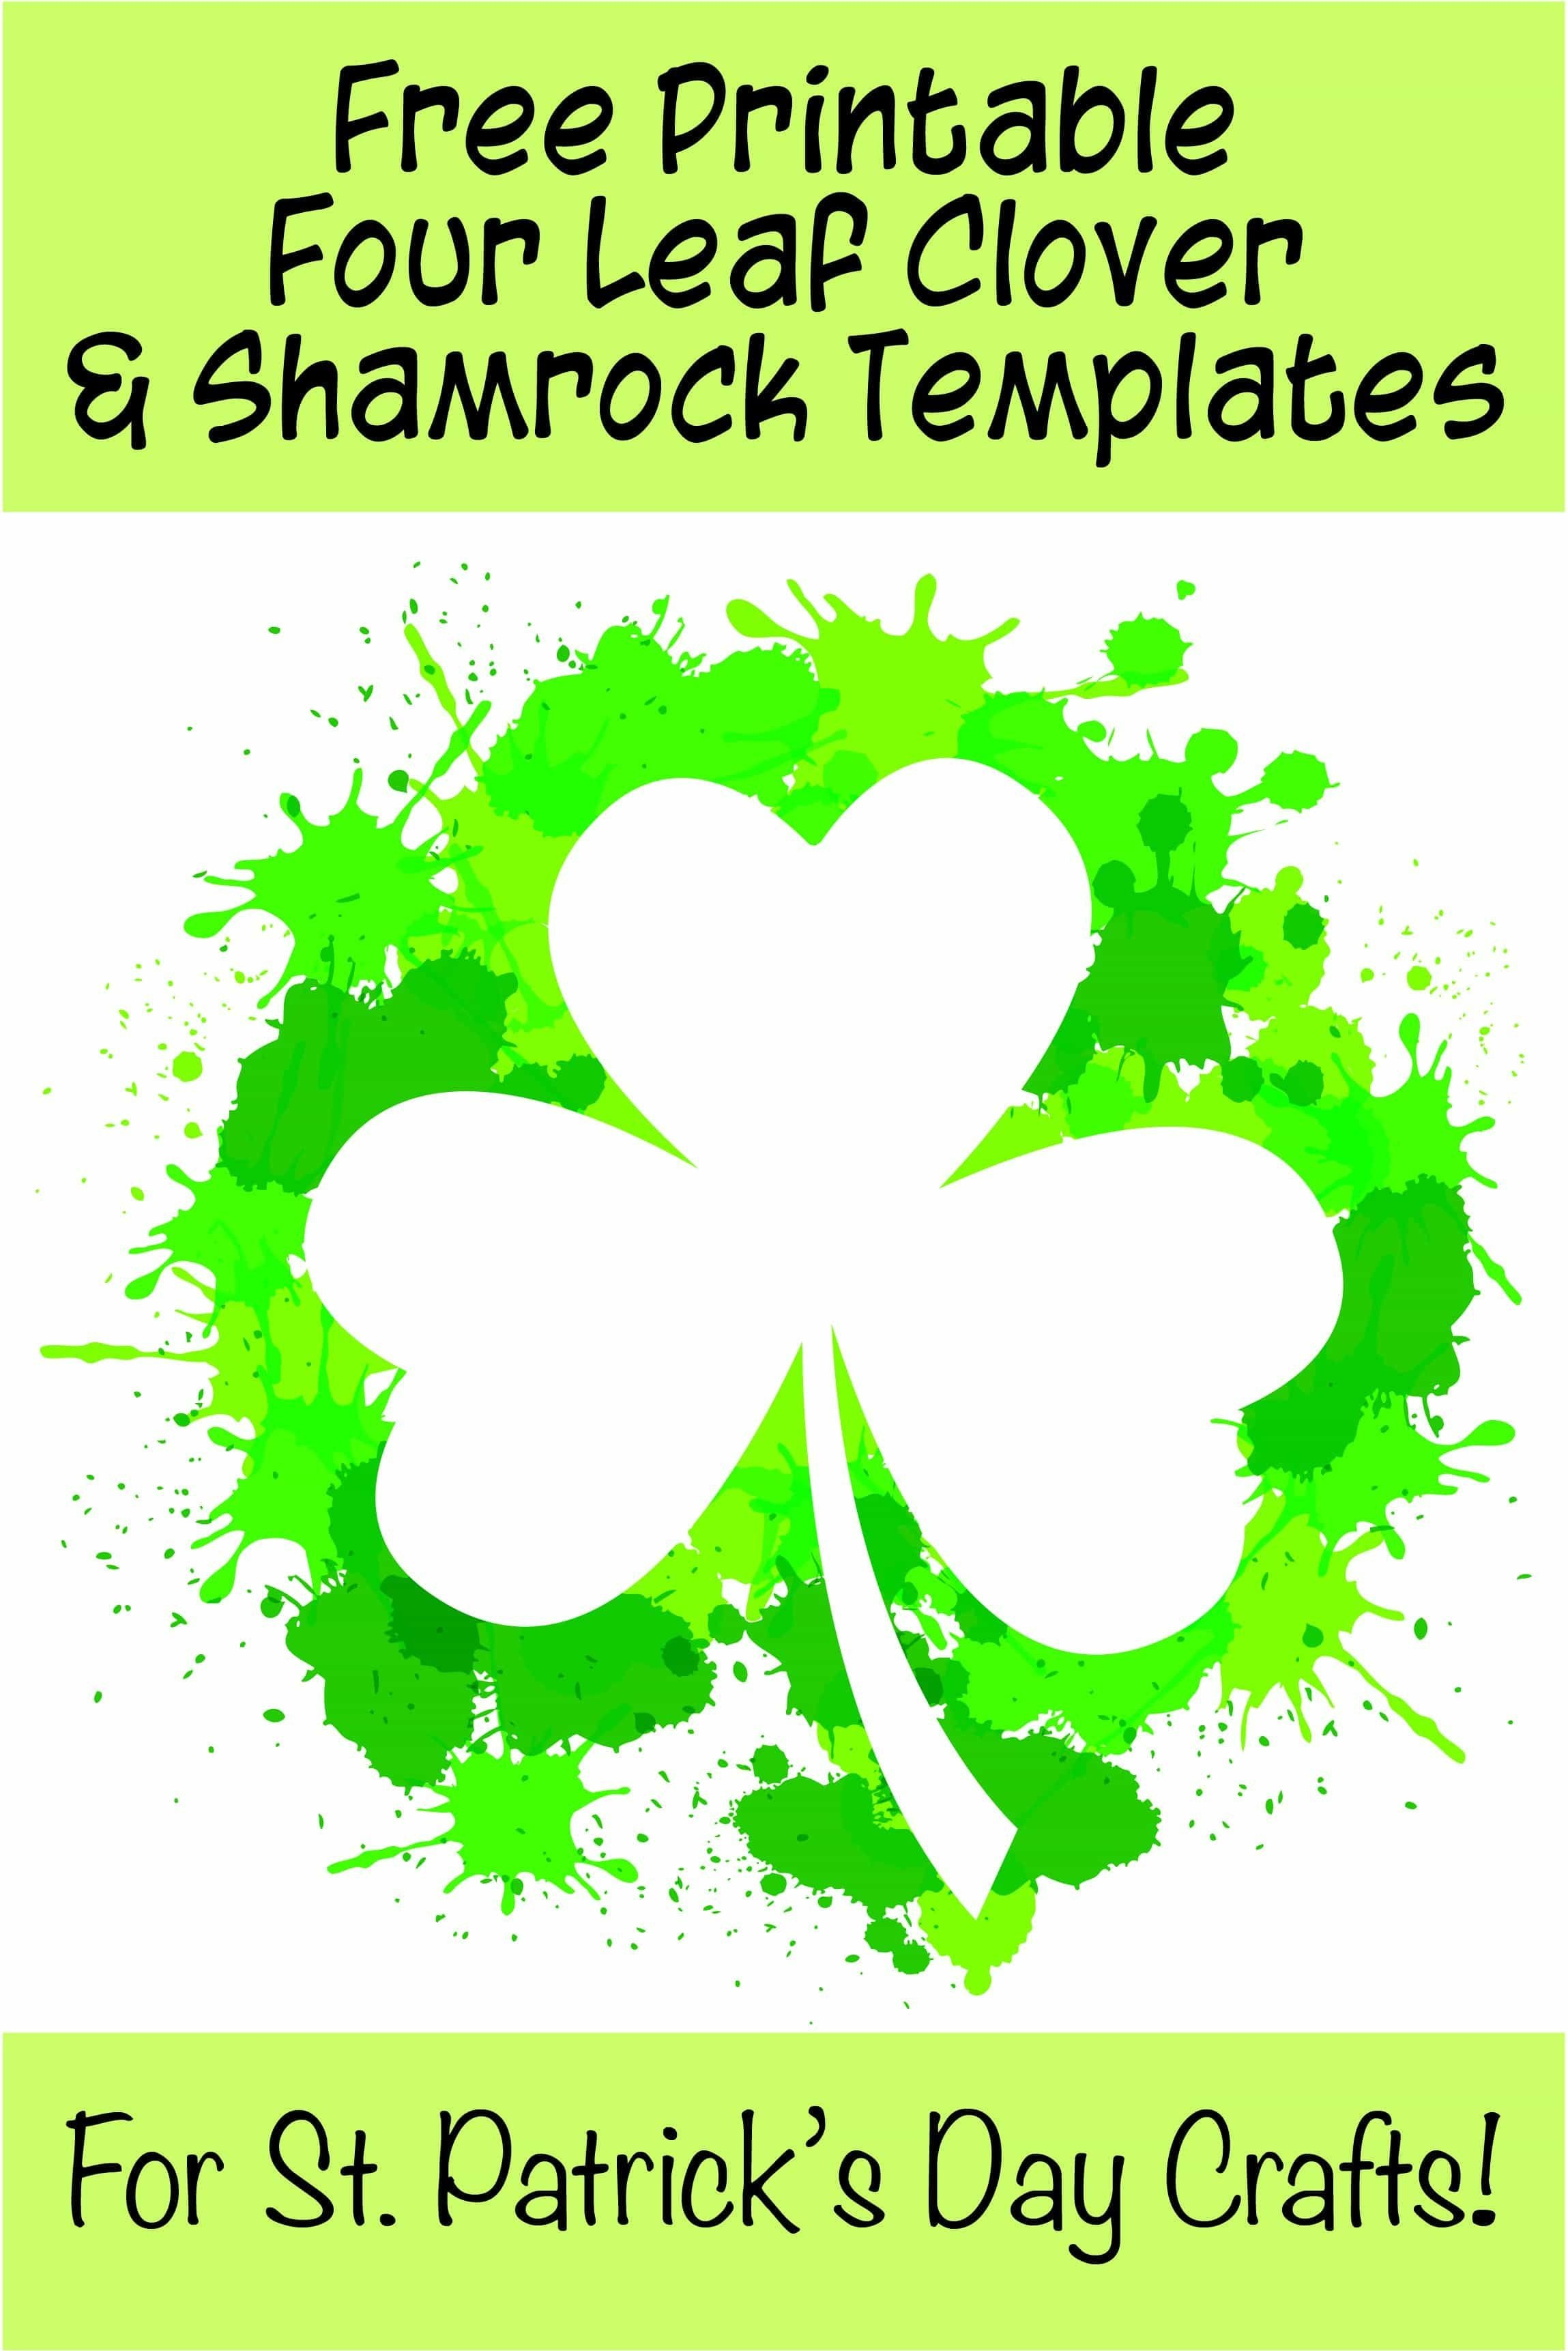 17+ Free Printable Four Leaf Clover & Shamrock Templates | Spring - Free Printable Shamrocks